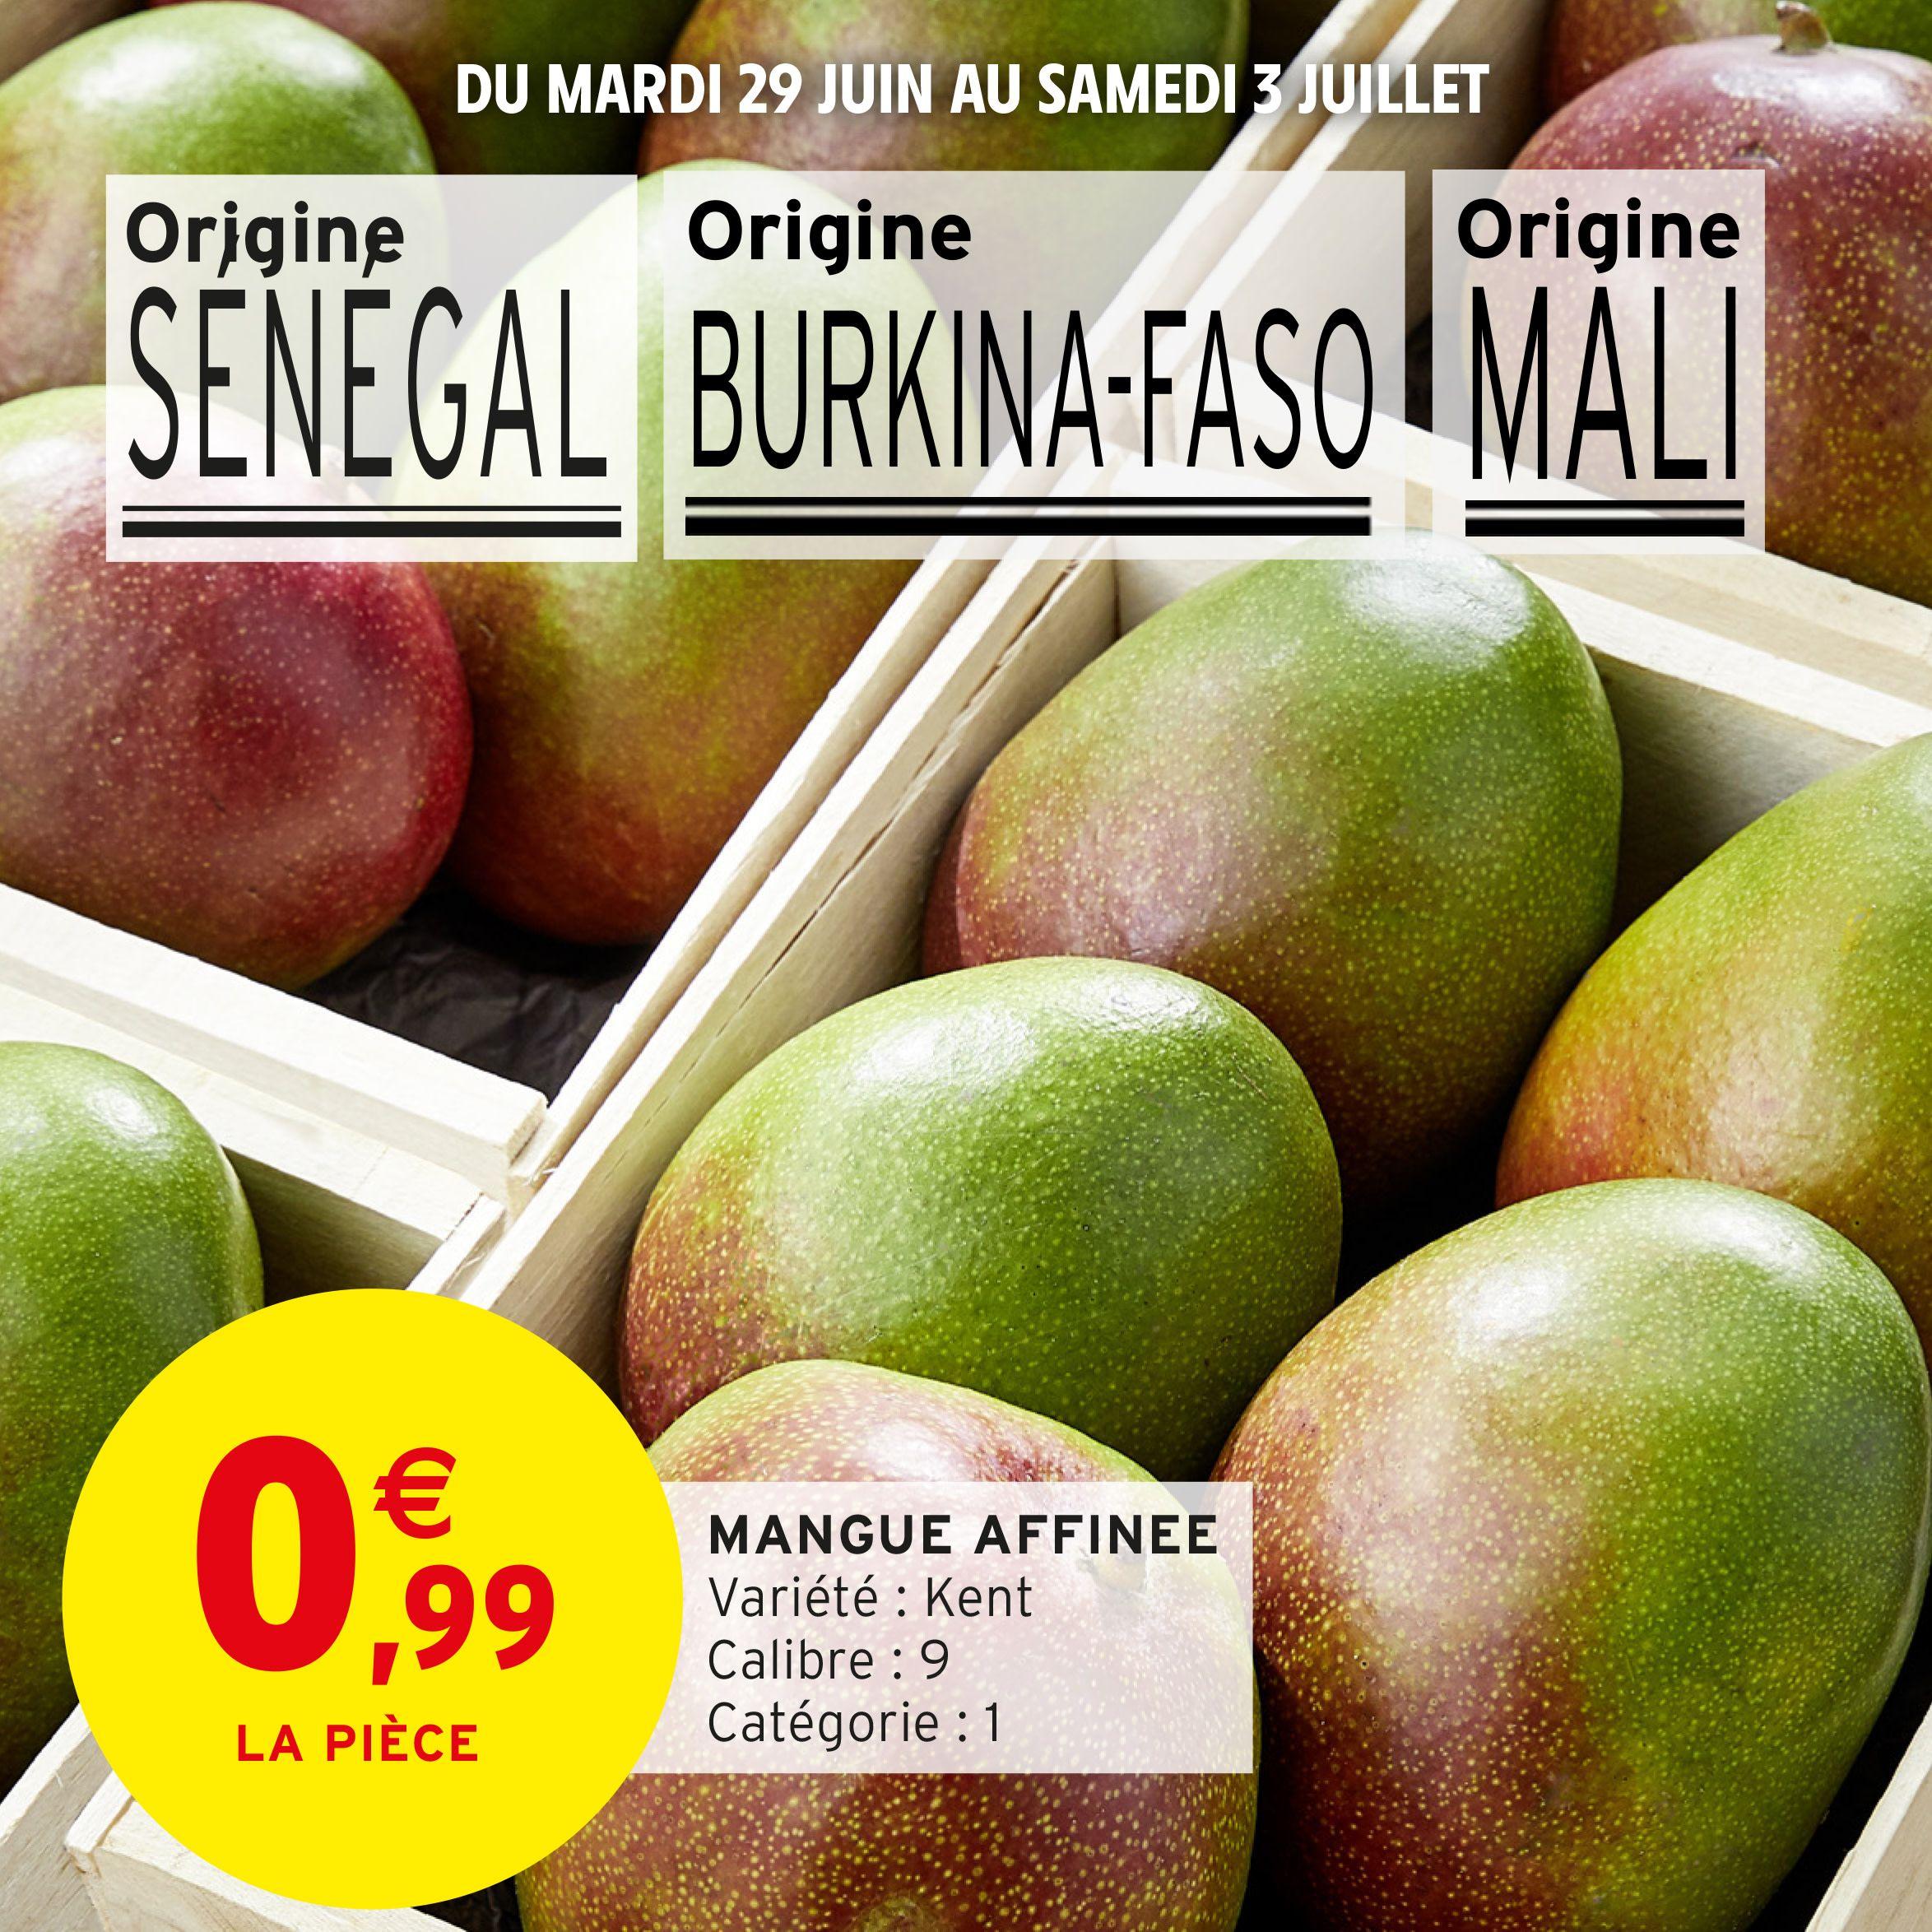 Mangue affinée Kent Catégorie 1 - Origine Sénégal, Burkina Faso ou Mali